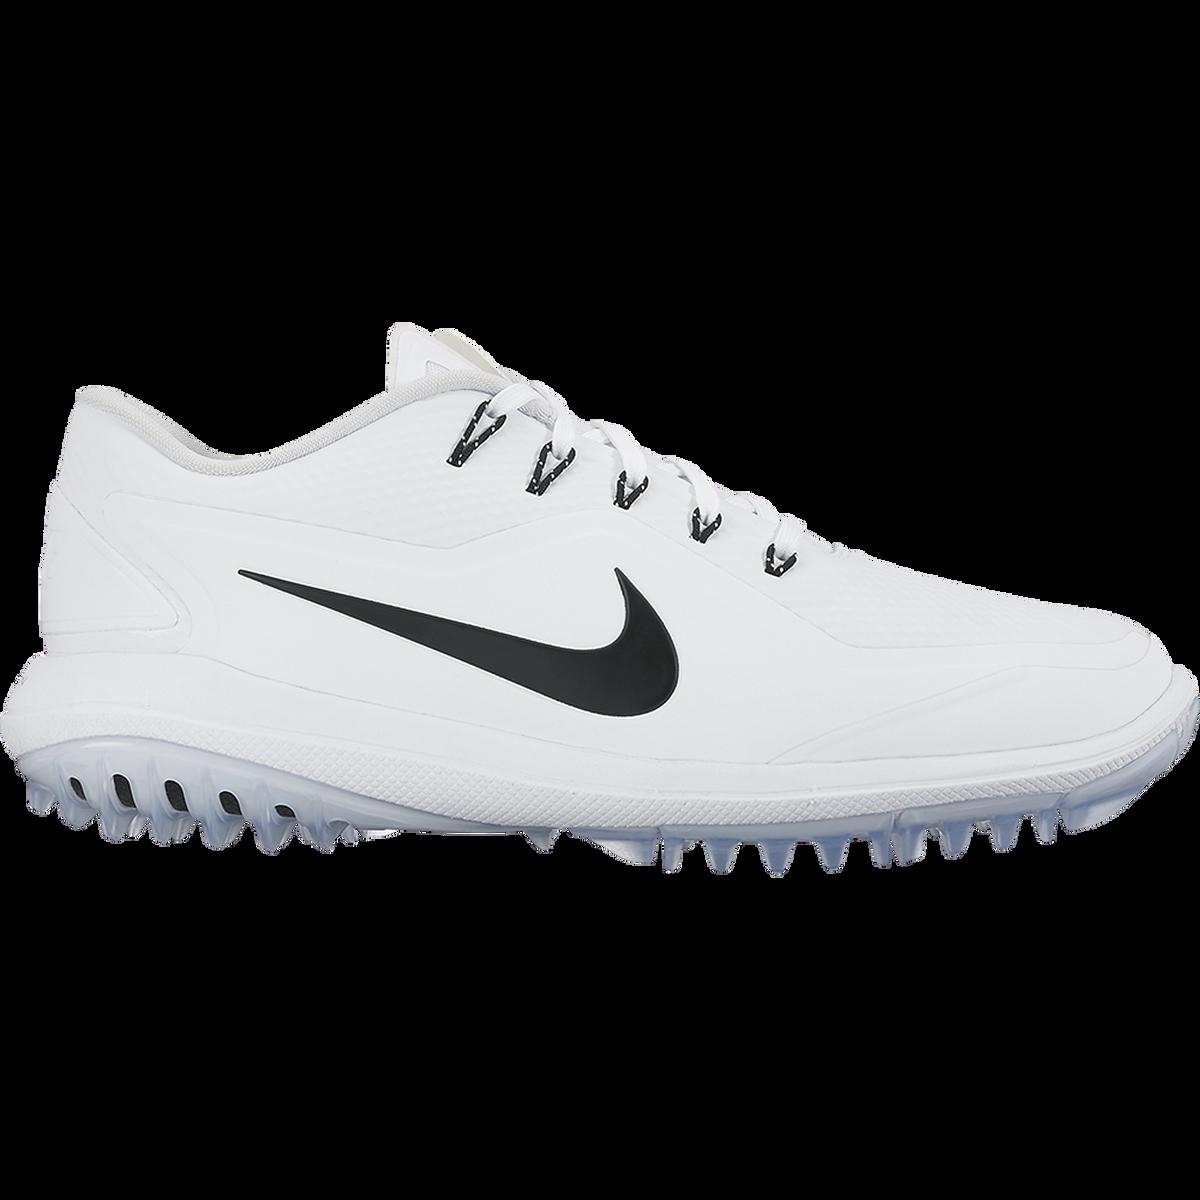 ad9e003e41f2 Nike Lunar Control Vapor 2 Men s Golf Shoe - White Black